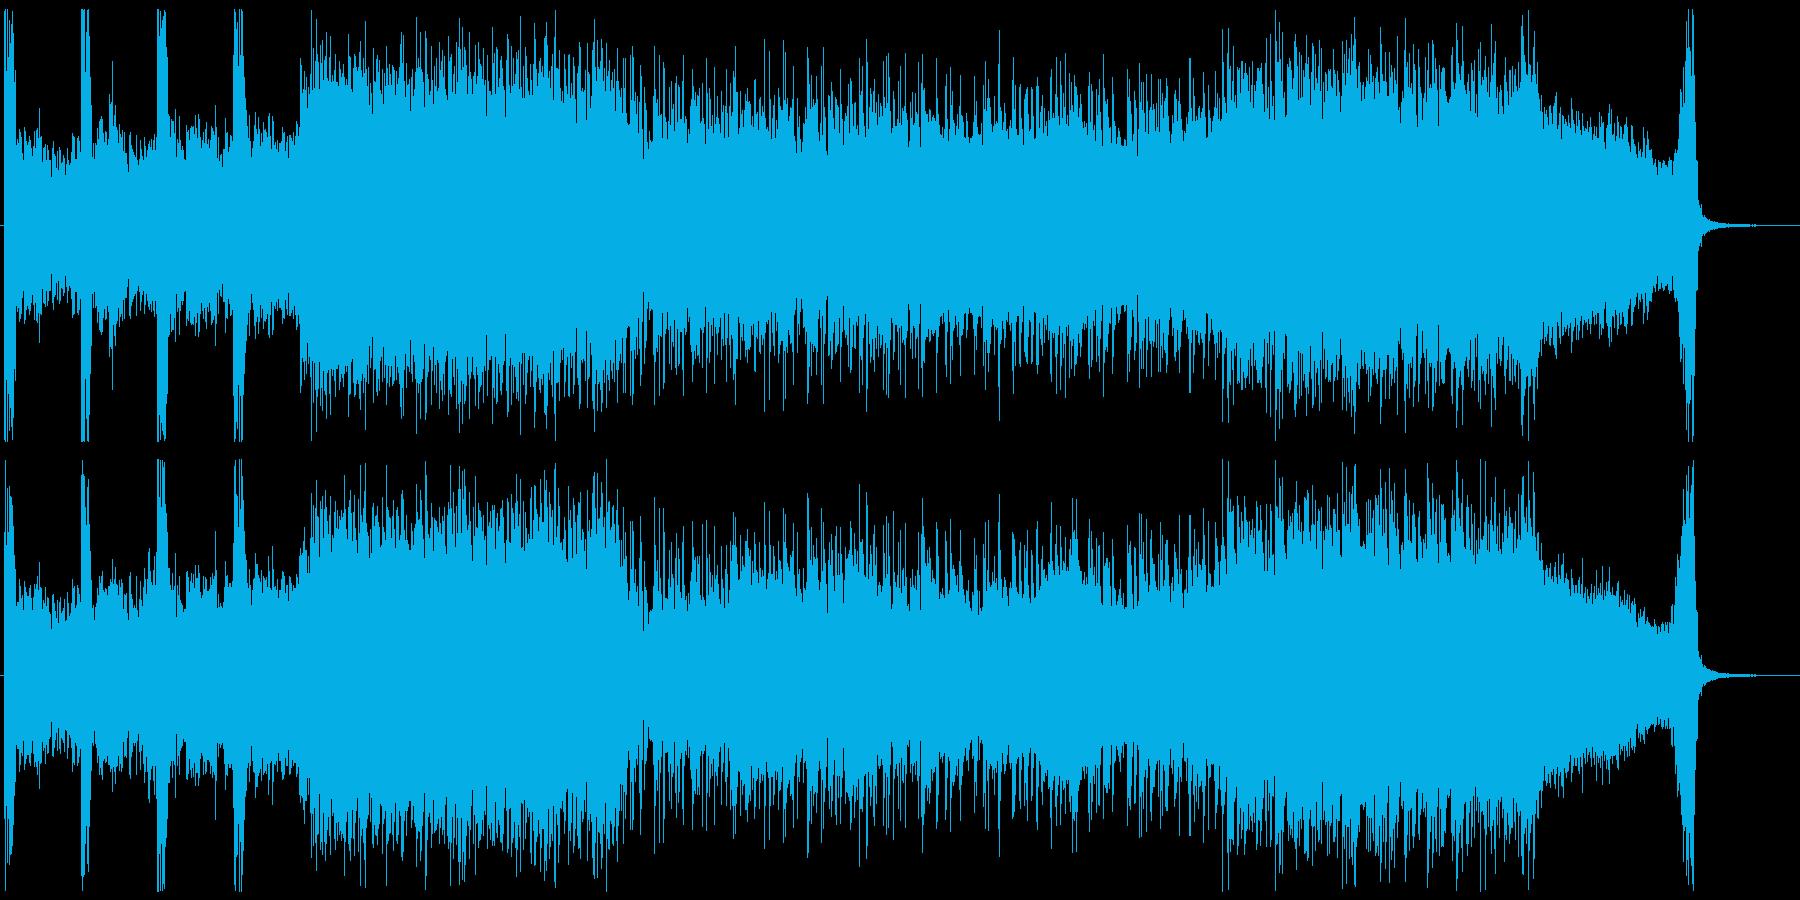 禍々しい戦闘用BGMの再生済みの波形